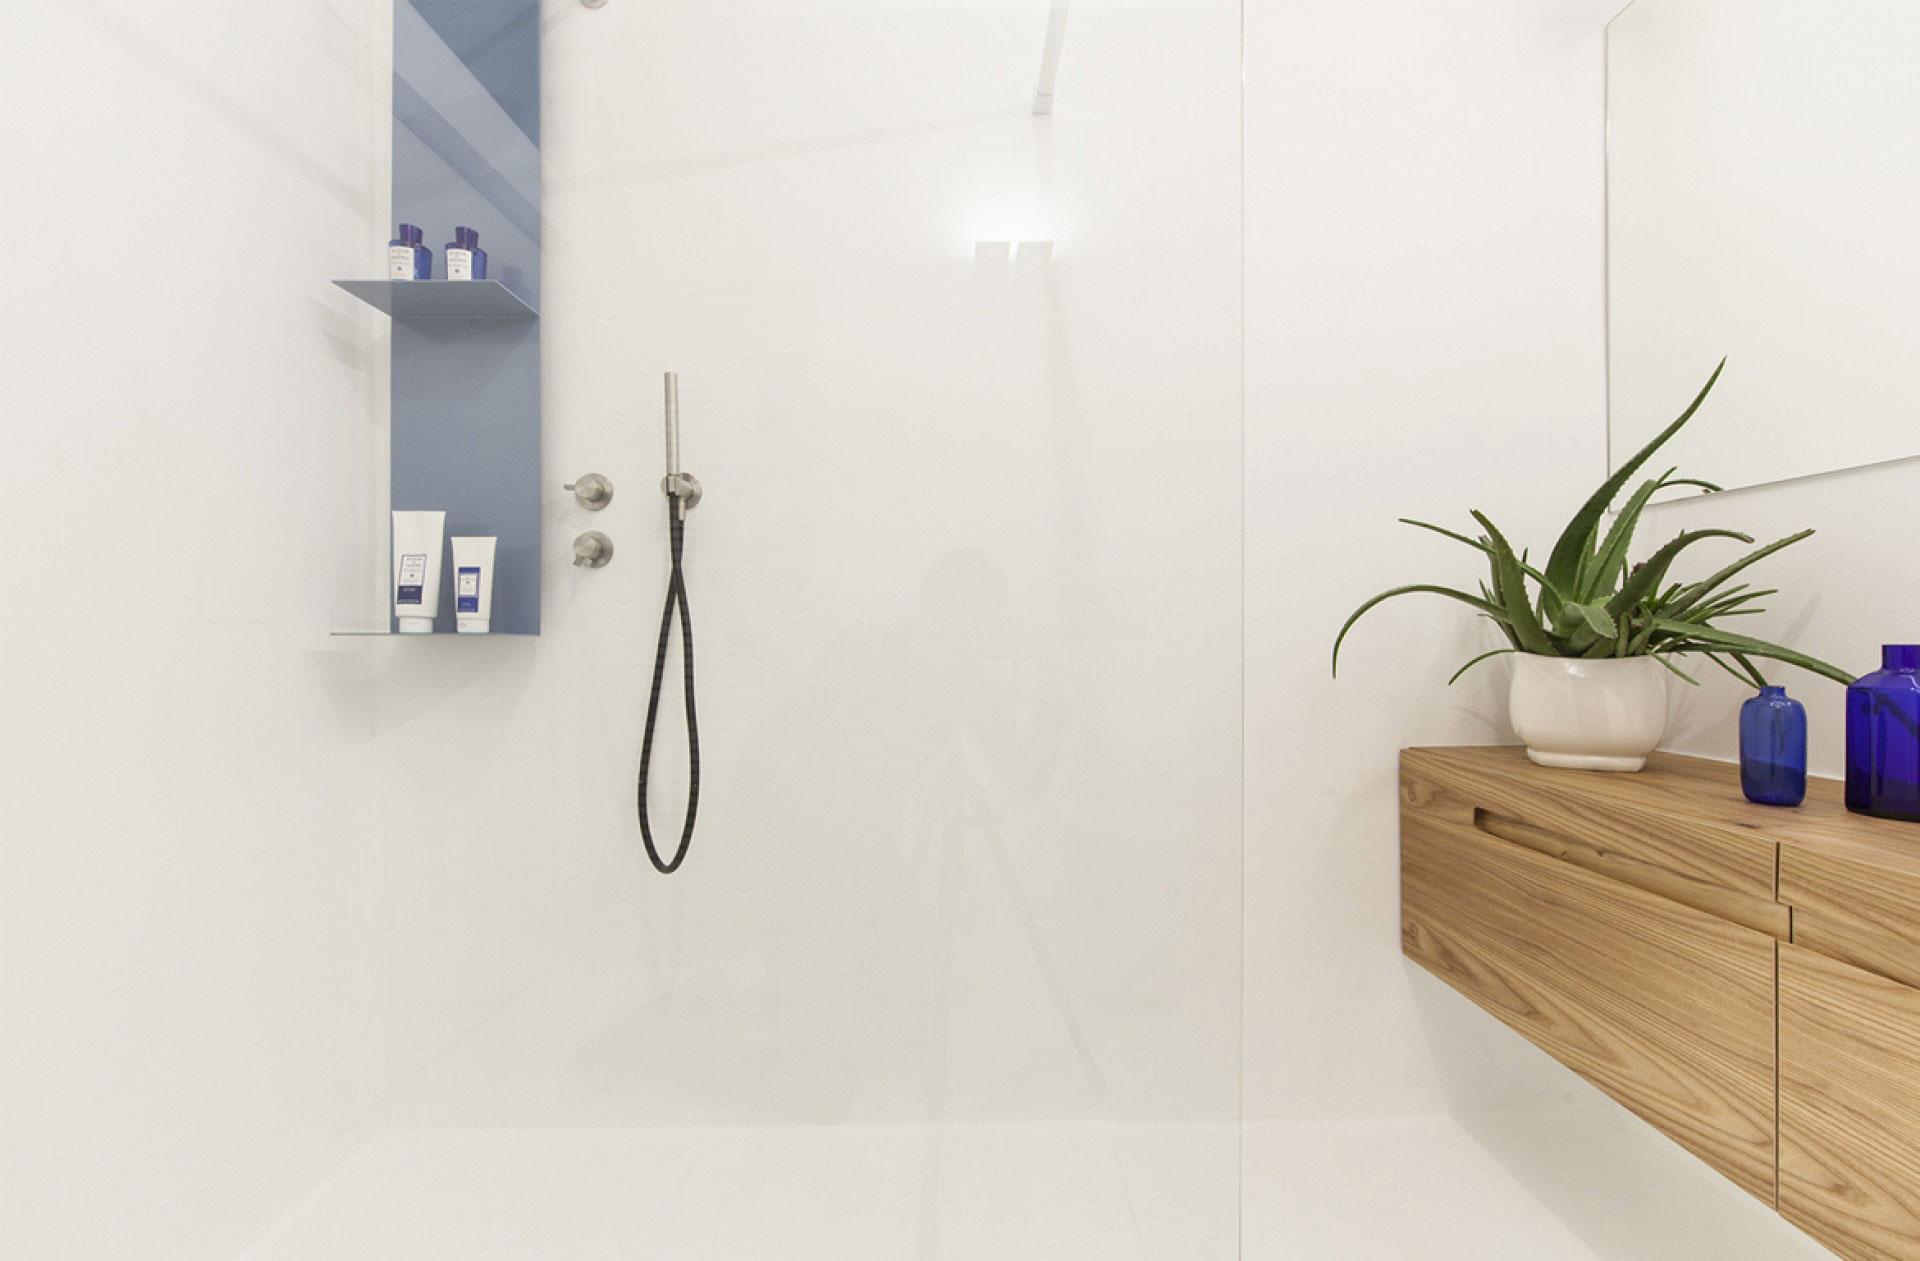 badkamers met inloopdouche minimalistisch wit